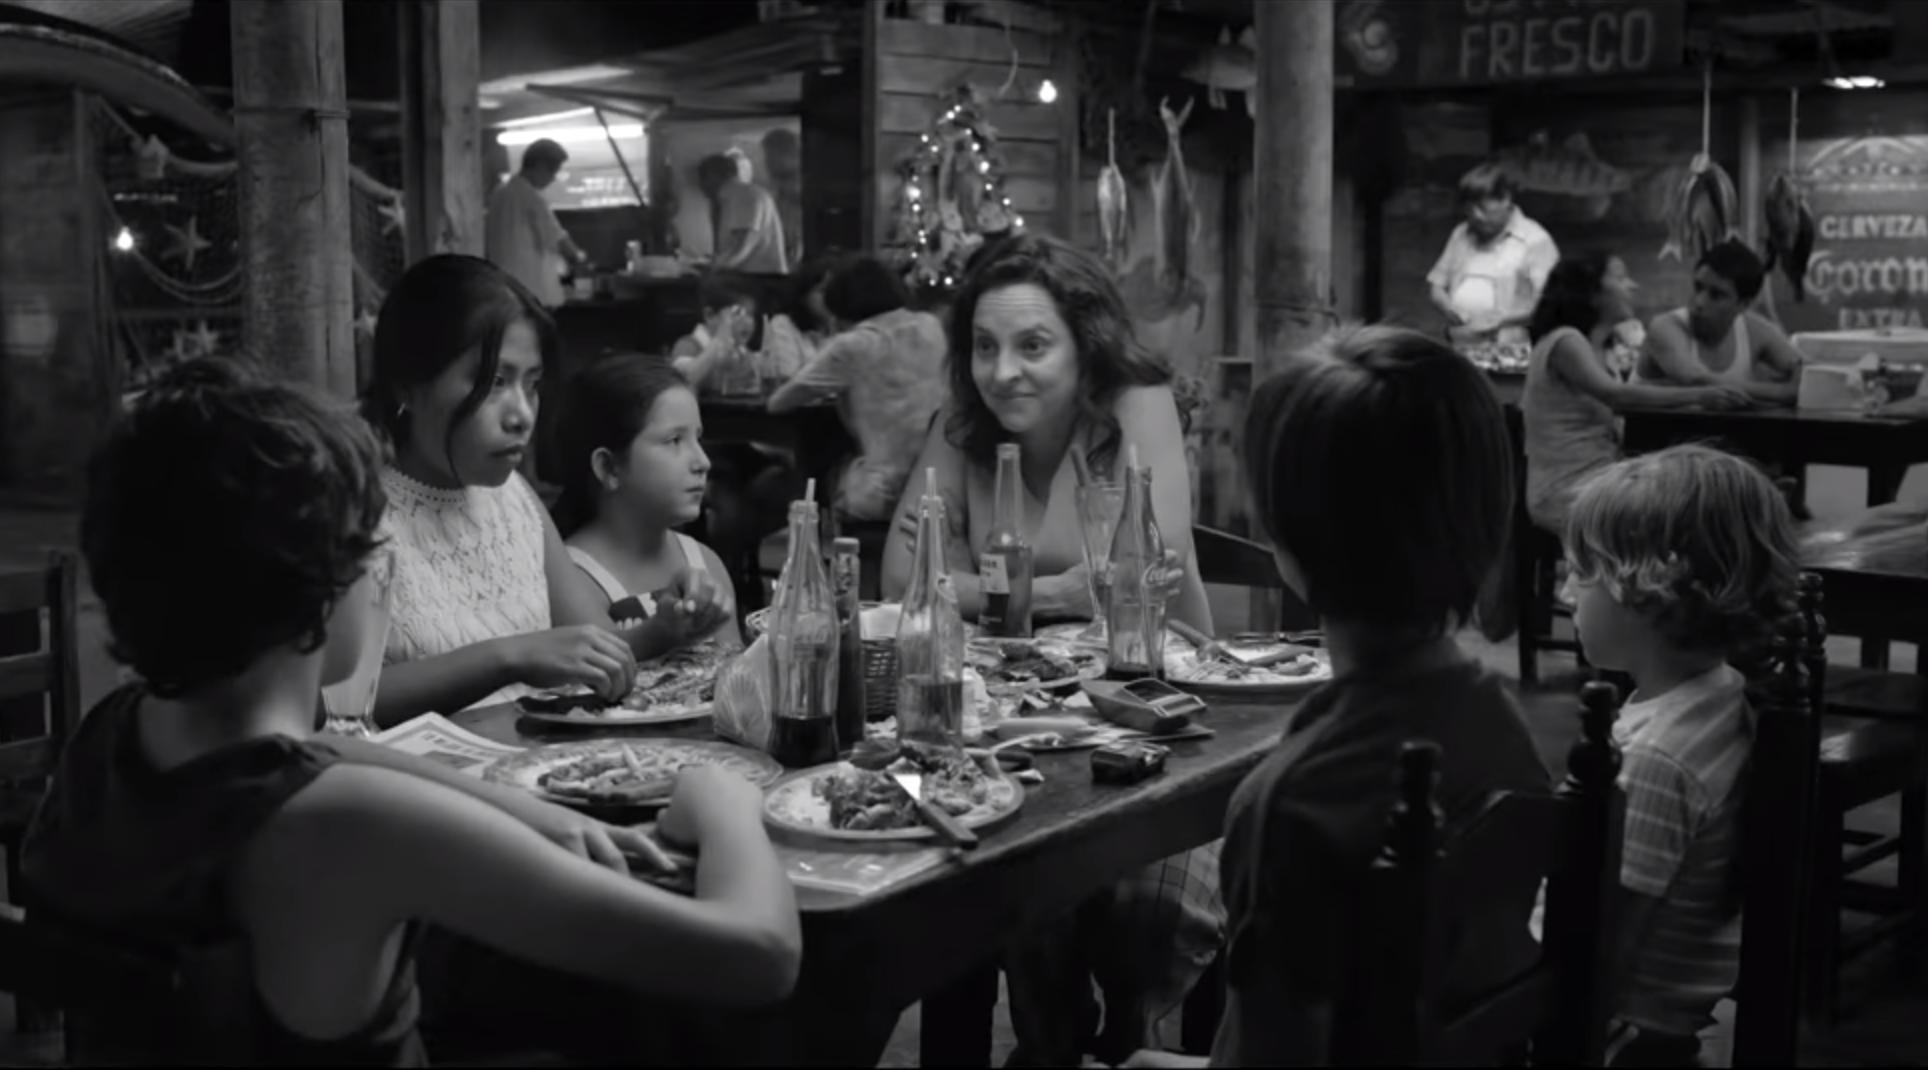 Roma: distinção católica para um filme sobre a coragem solidária das mulheres